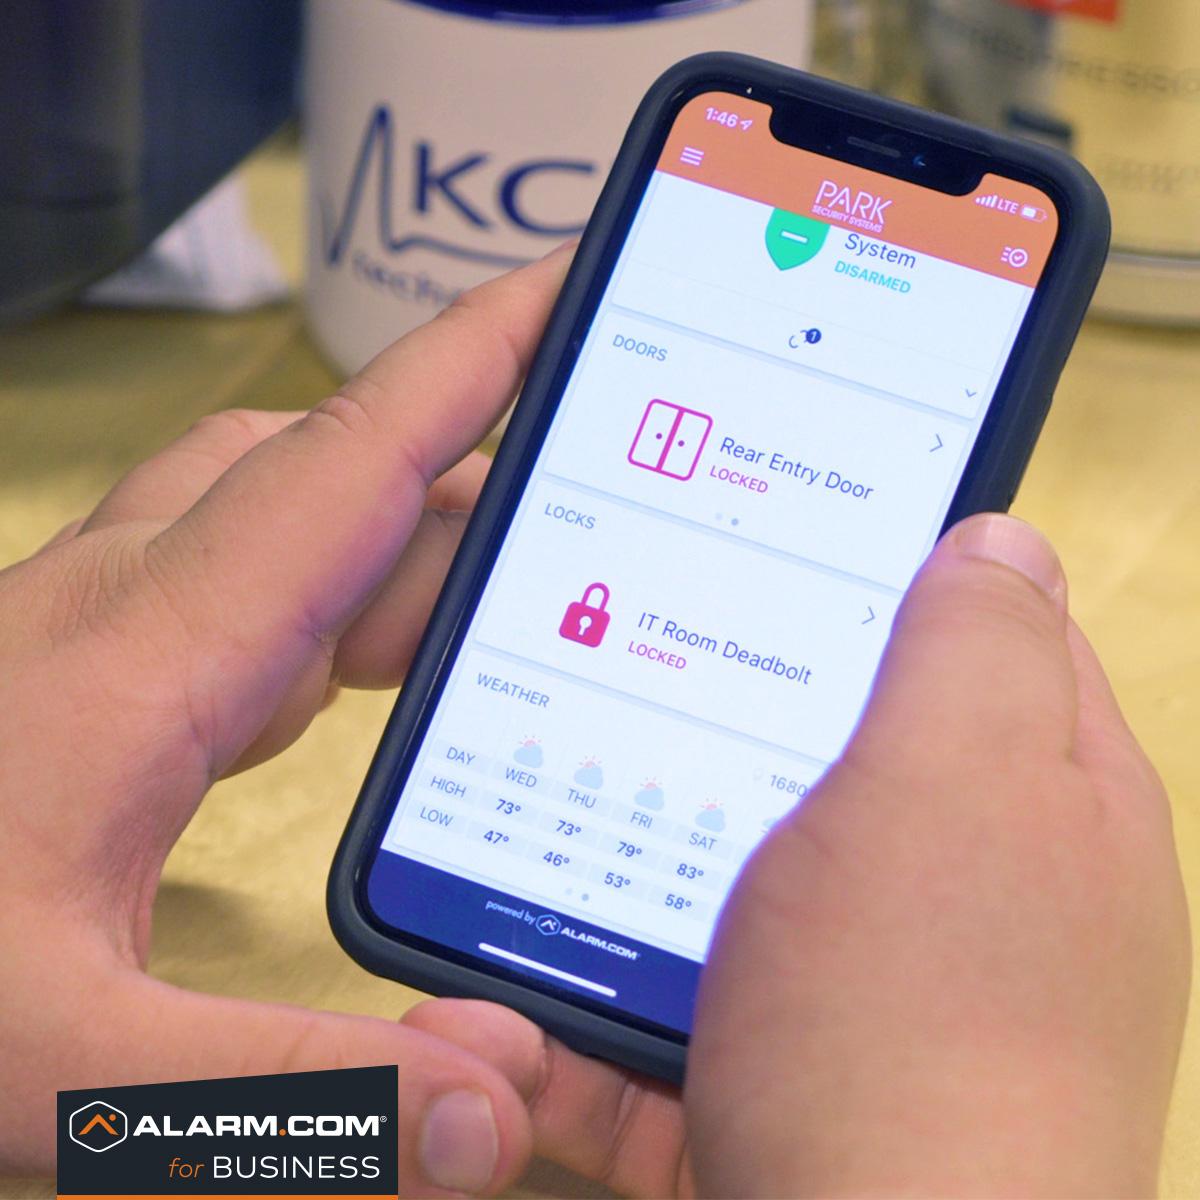 alarm.com access control app